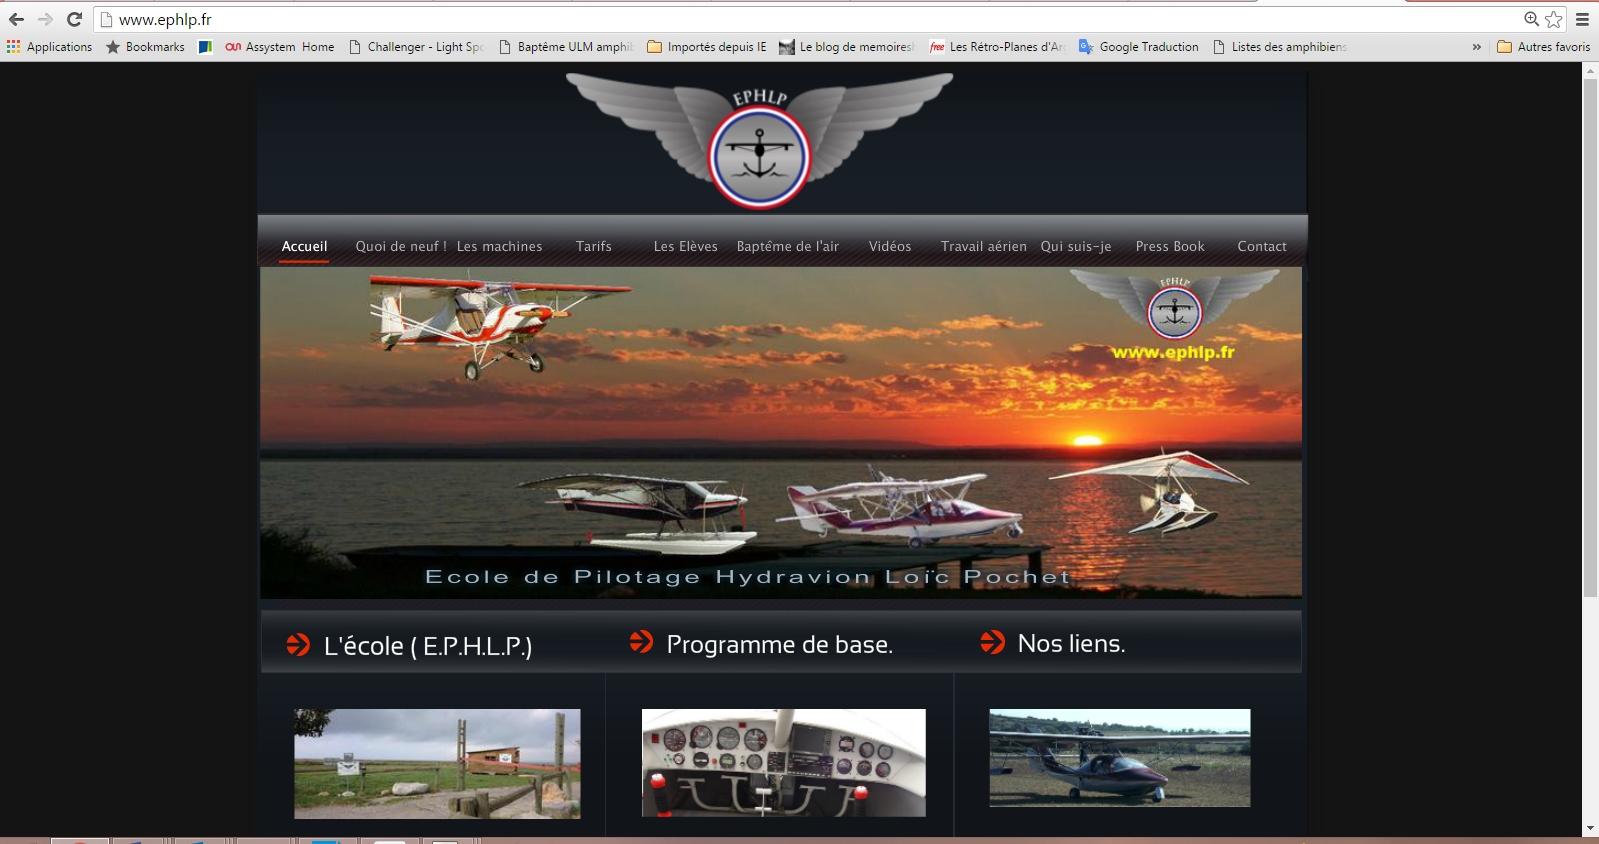 ecole de pilotage EPHLP